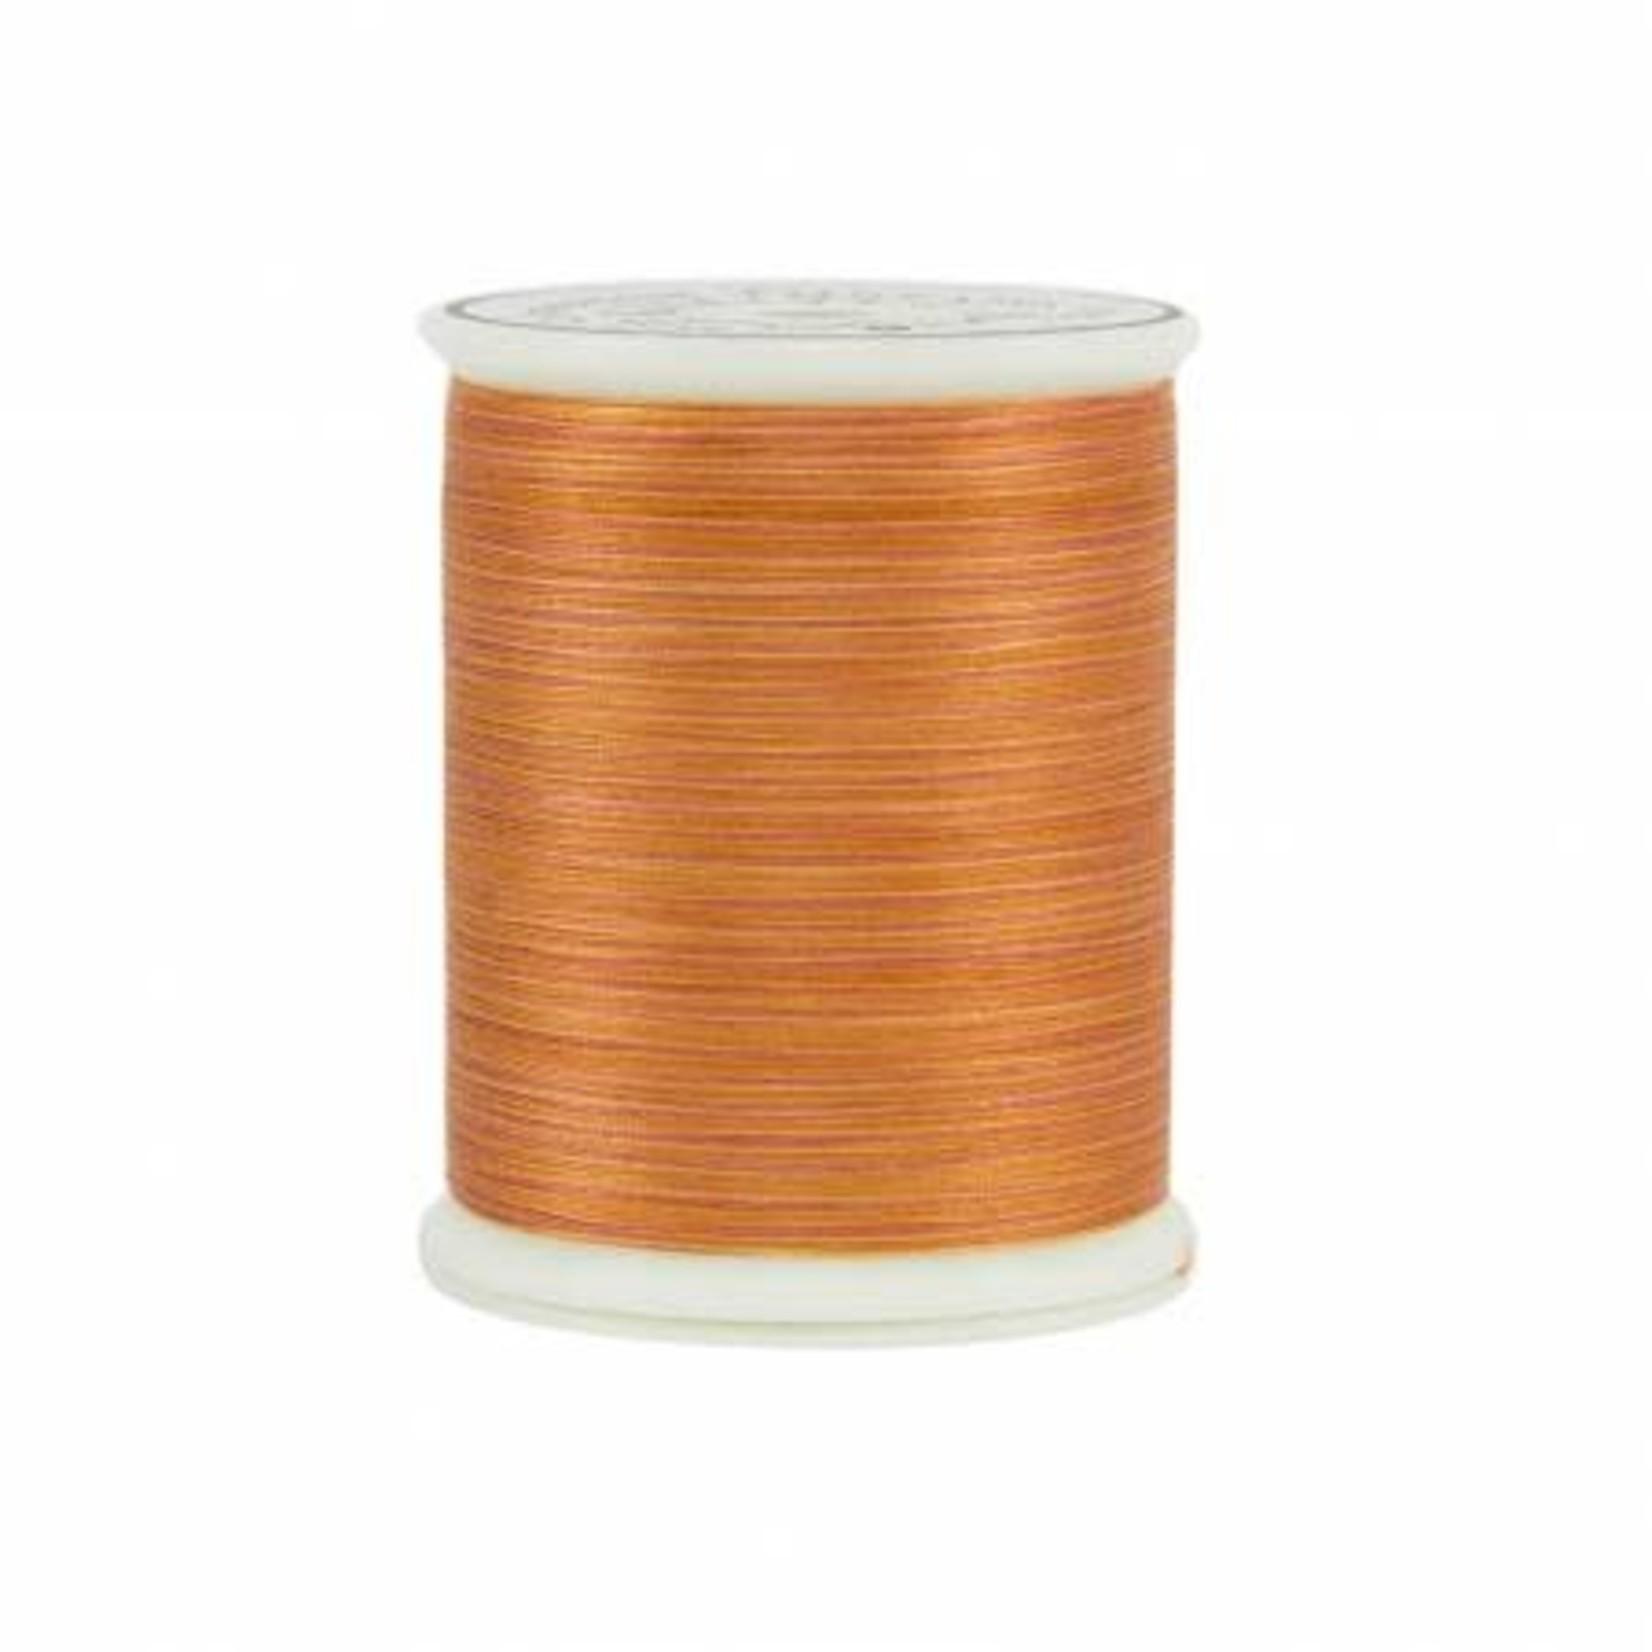 Superior Threads King Tut - #40 - 457 m - 0911 Flower Pot